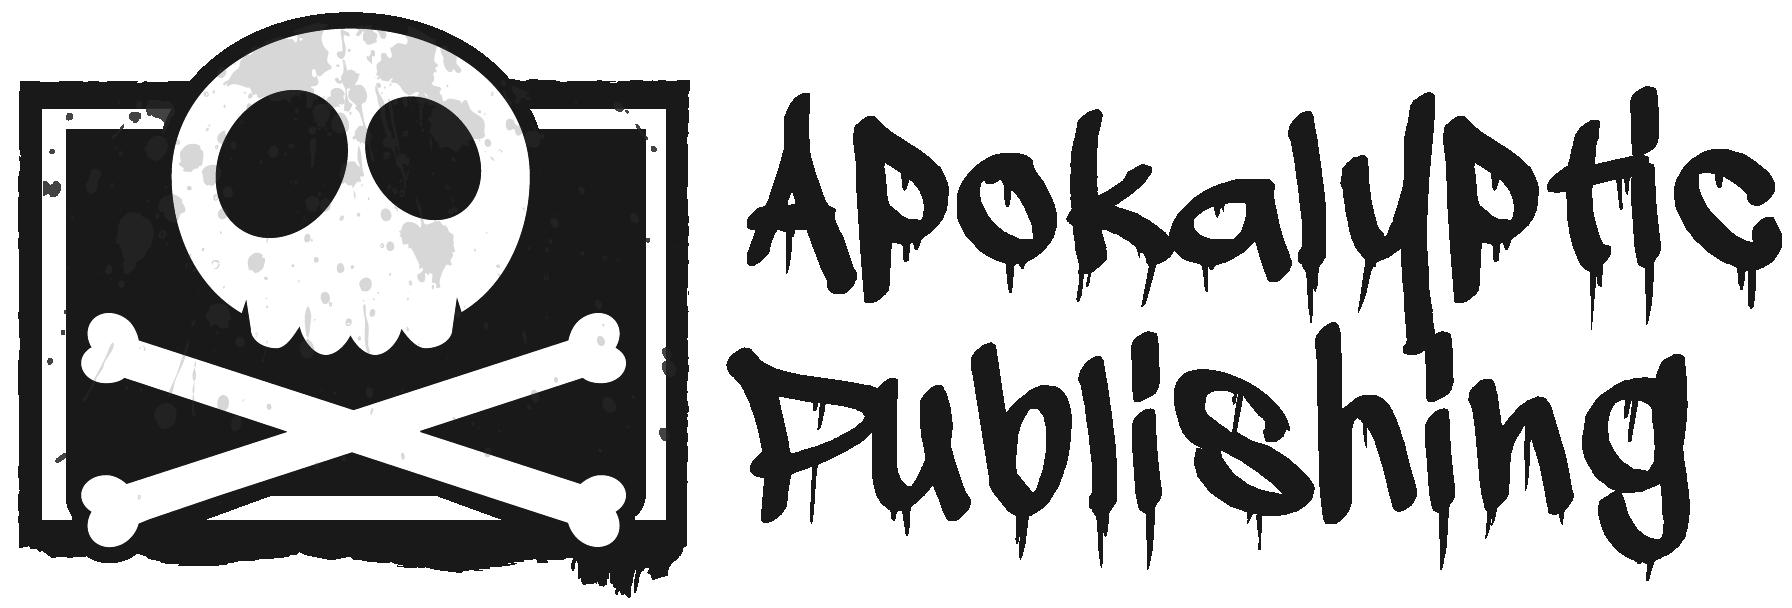 Apokalyptic Publishing